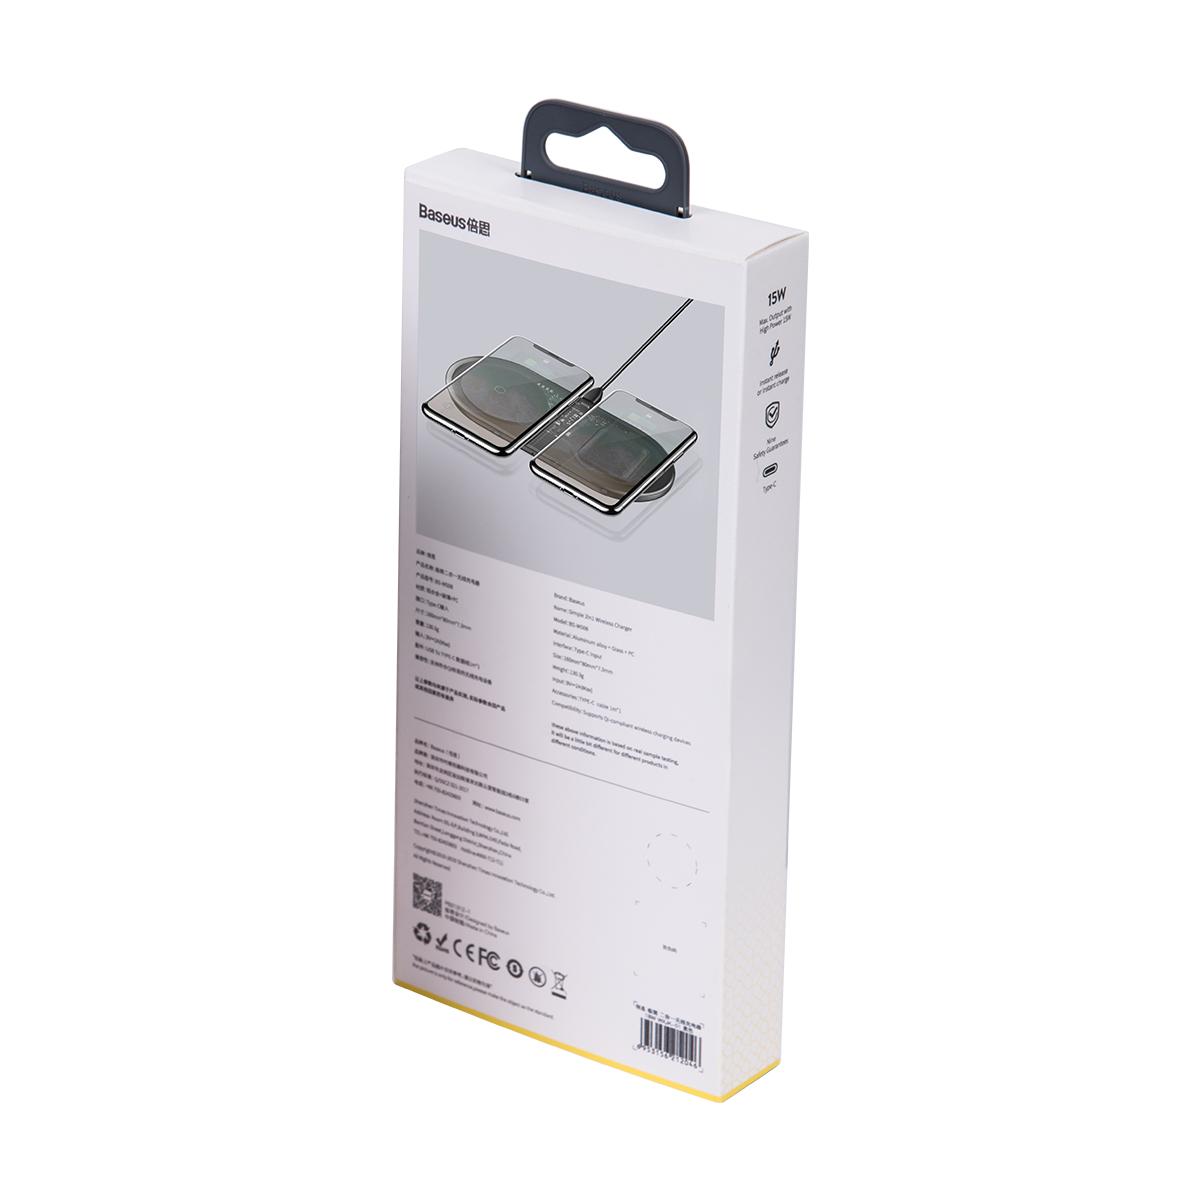 Carregador 2n1 Baseus Simple para Celular + Airpods